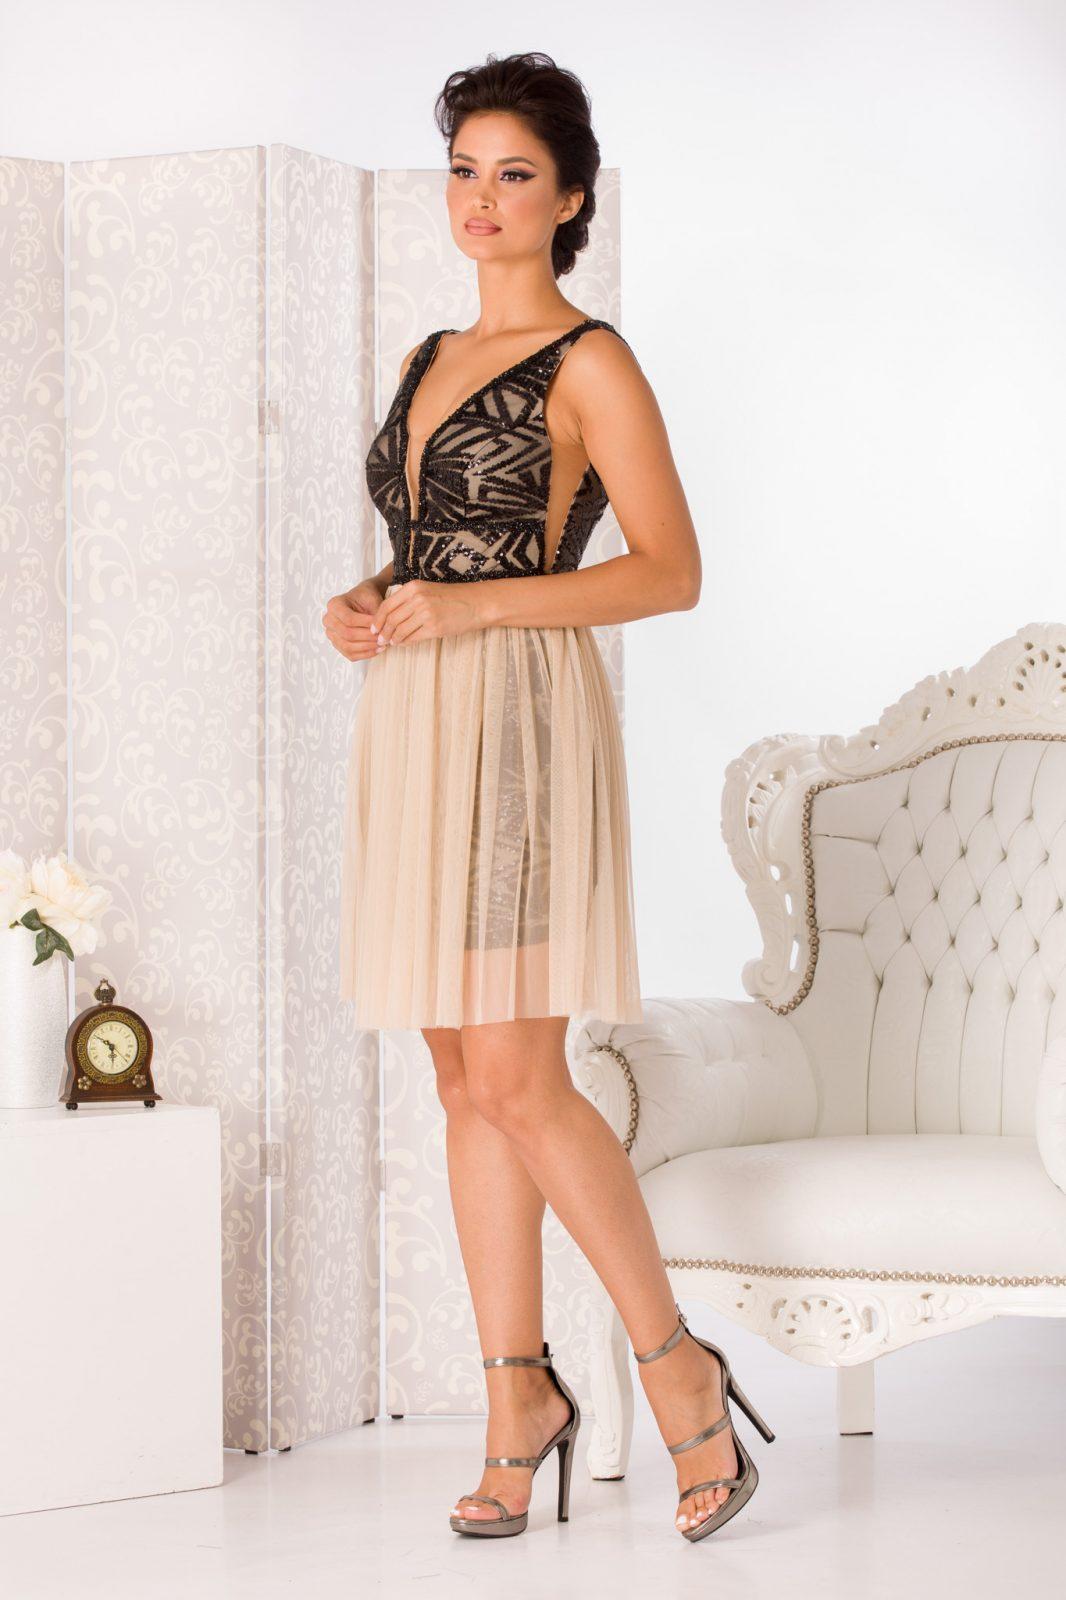 Izza Nude Φόρεμα 4988